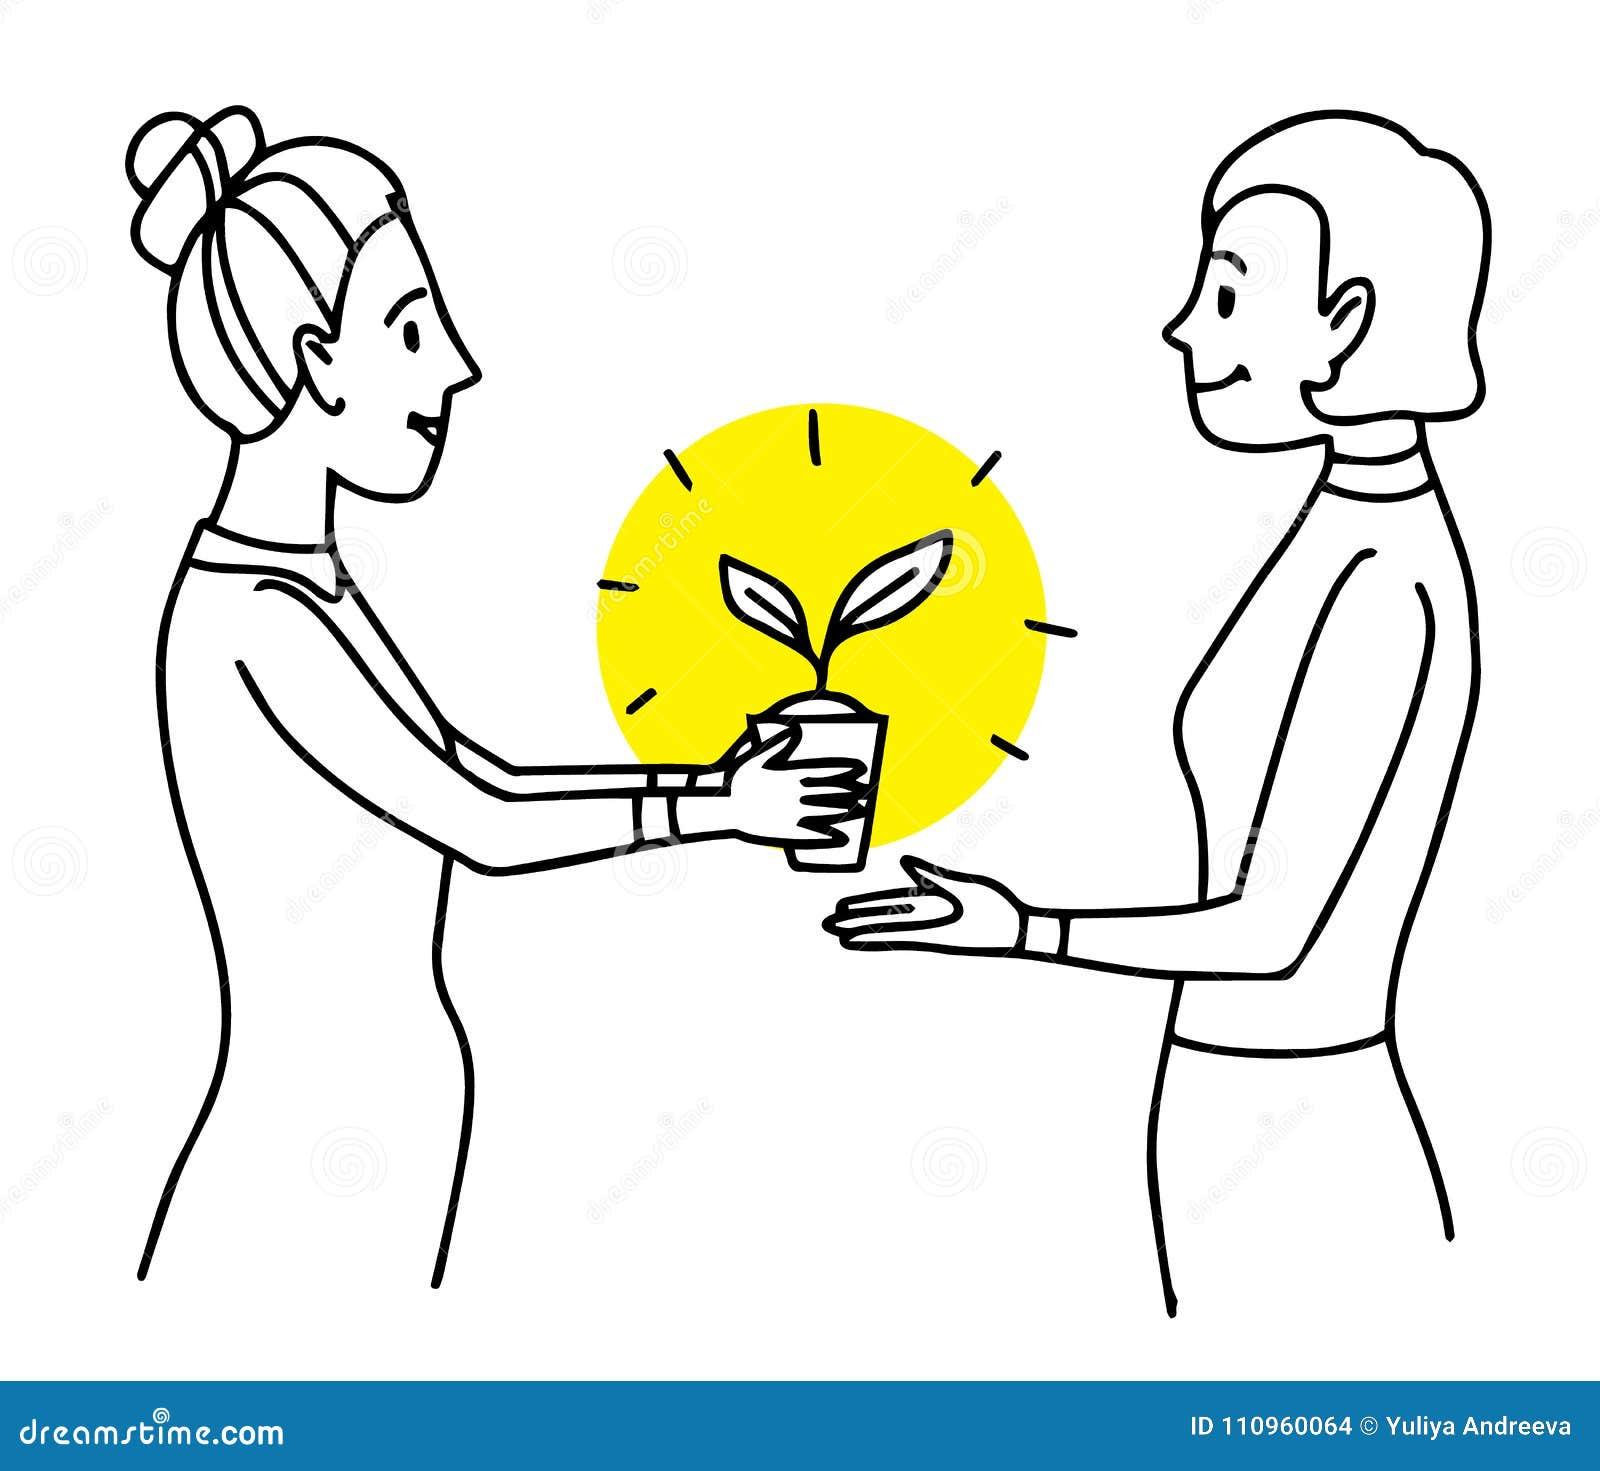 Mujer que da un pote con la planta a otra mujer Ejemplo de la situación de la forma de vida Dibujo de esquema aislado vector